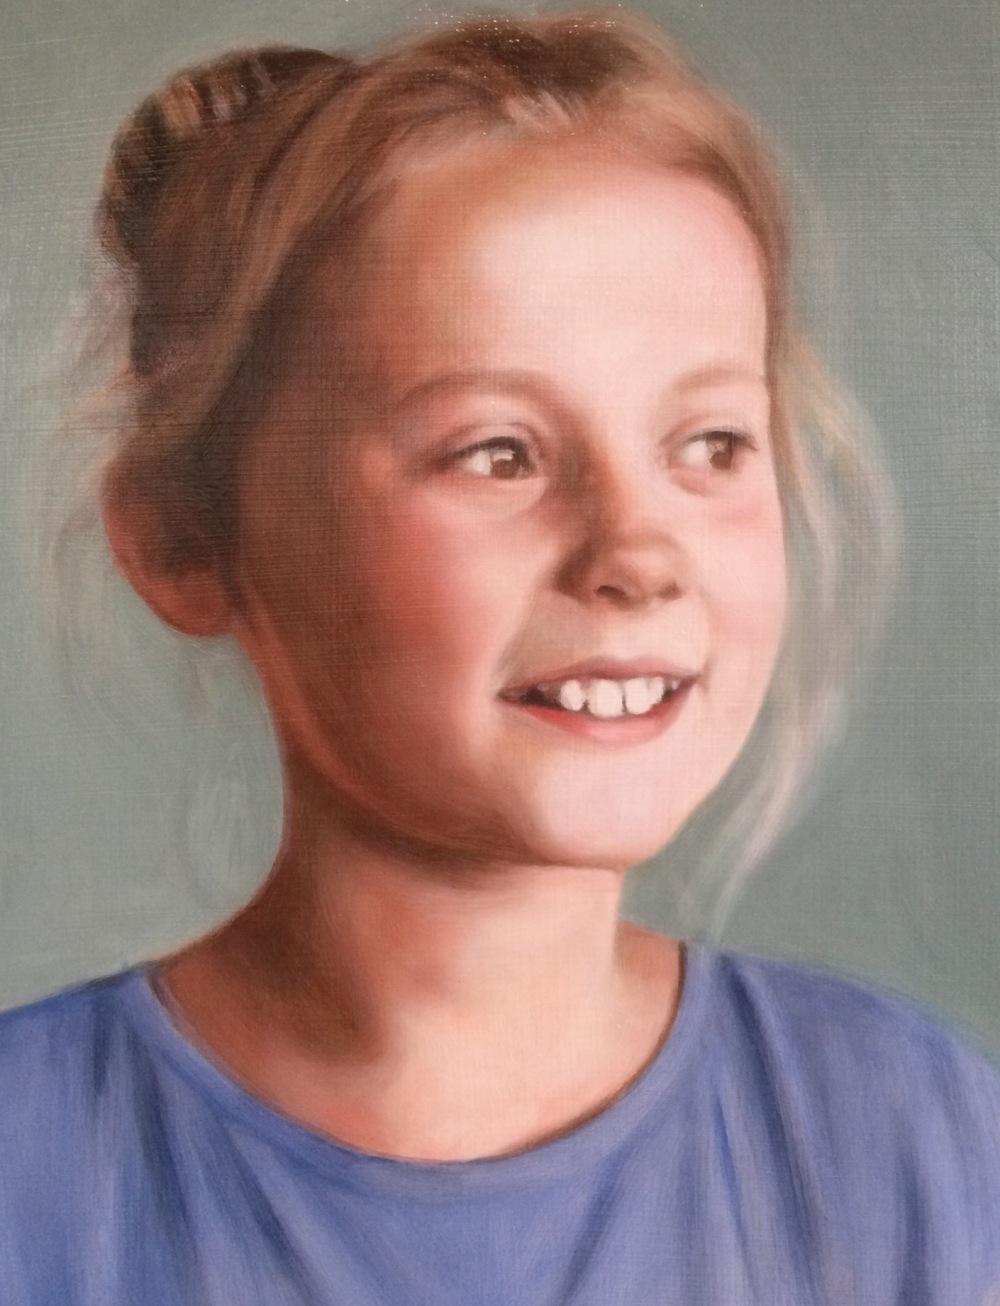 Ruby 4th glaze, oil on board, custom portrait commission by portrait painter Matt Harvey,oil on board